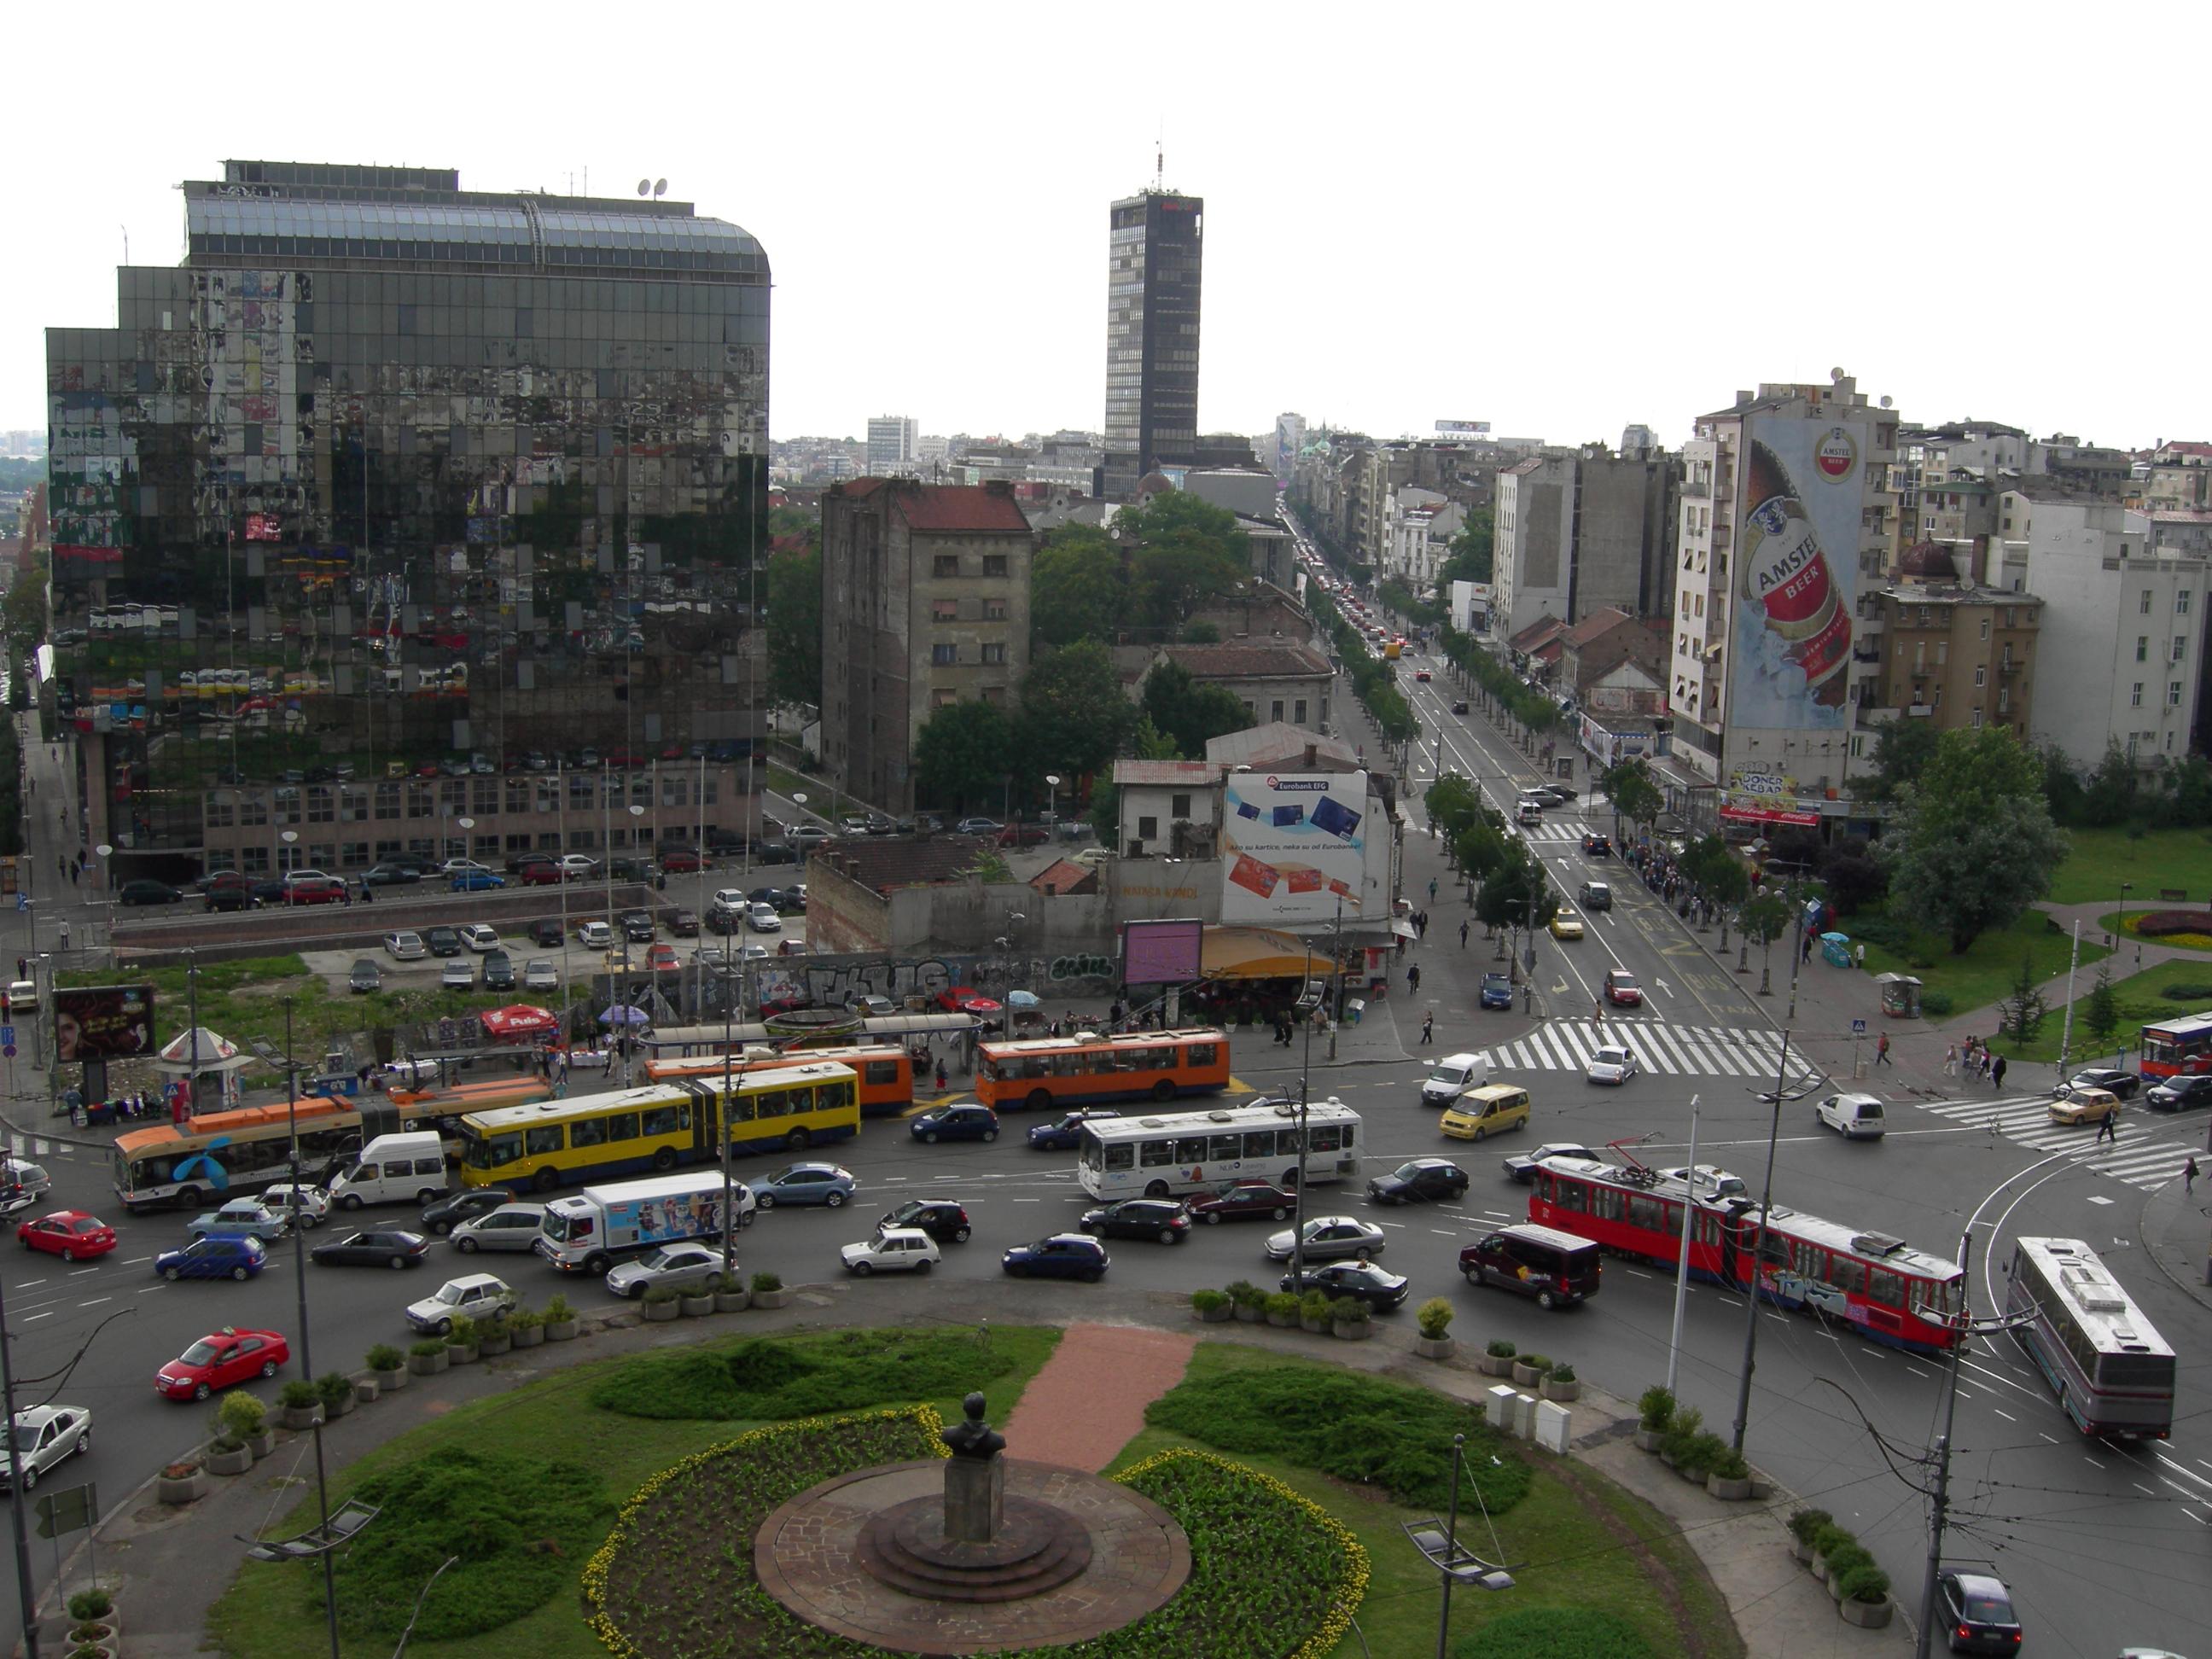 Slavija Square (Dimitrije Tucović Square)